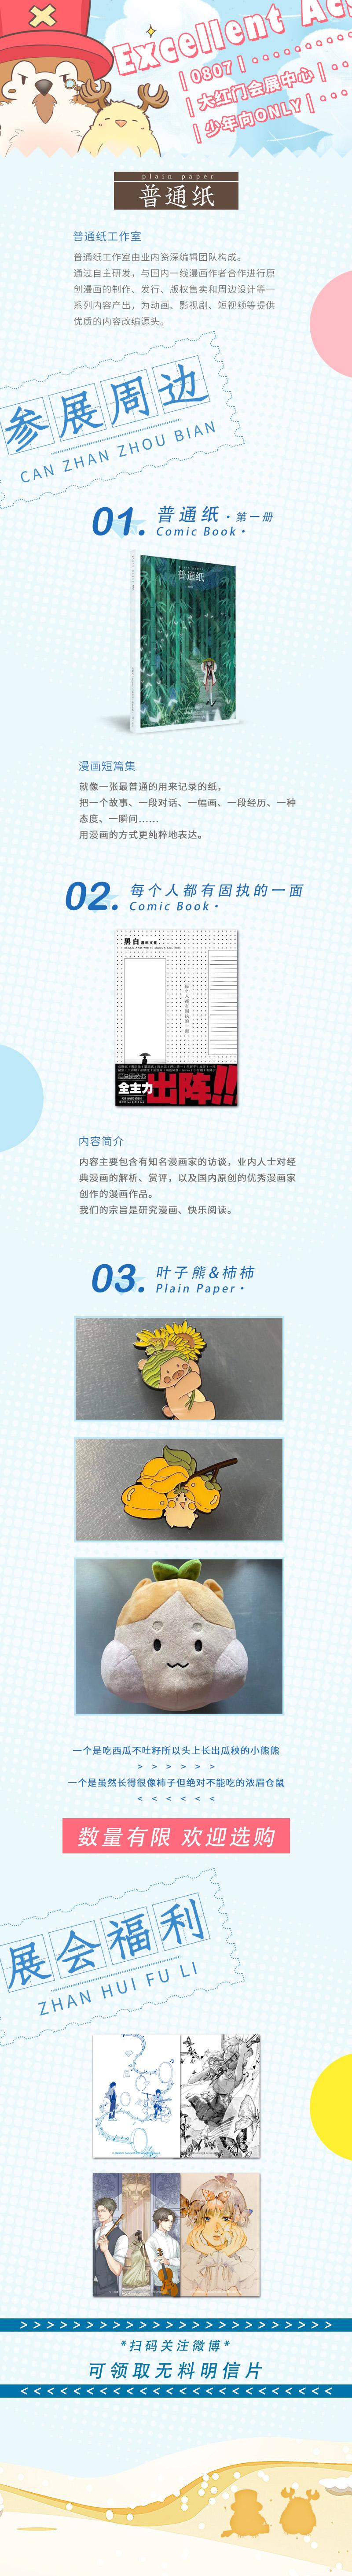 2021北京EXA少年向同人展8月7日现场全情报公开!不容错过